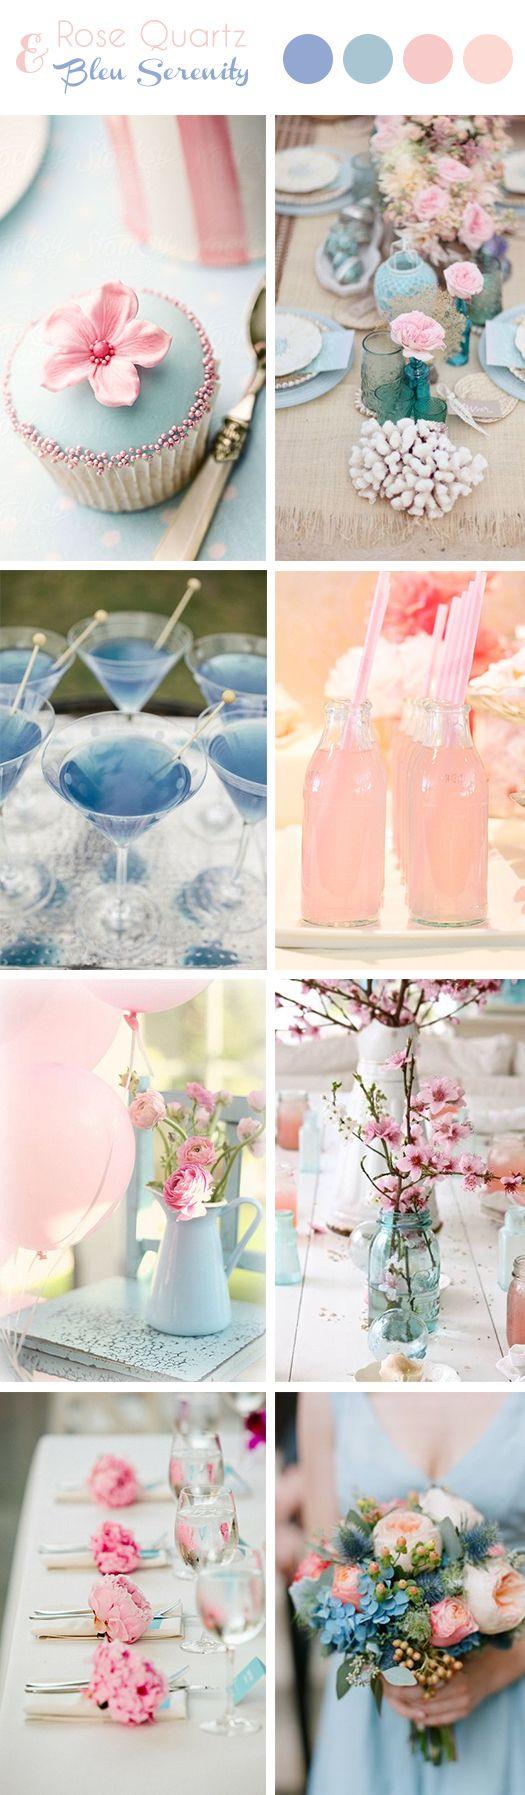 Page tendance décoration de mariage : Rose Quartz & Bleu Serenity // Couleurs Pantone 2016